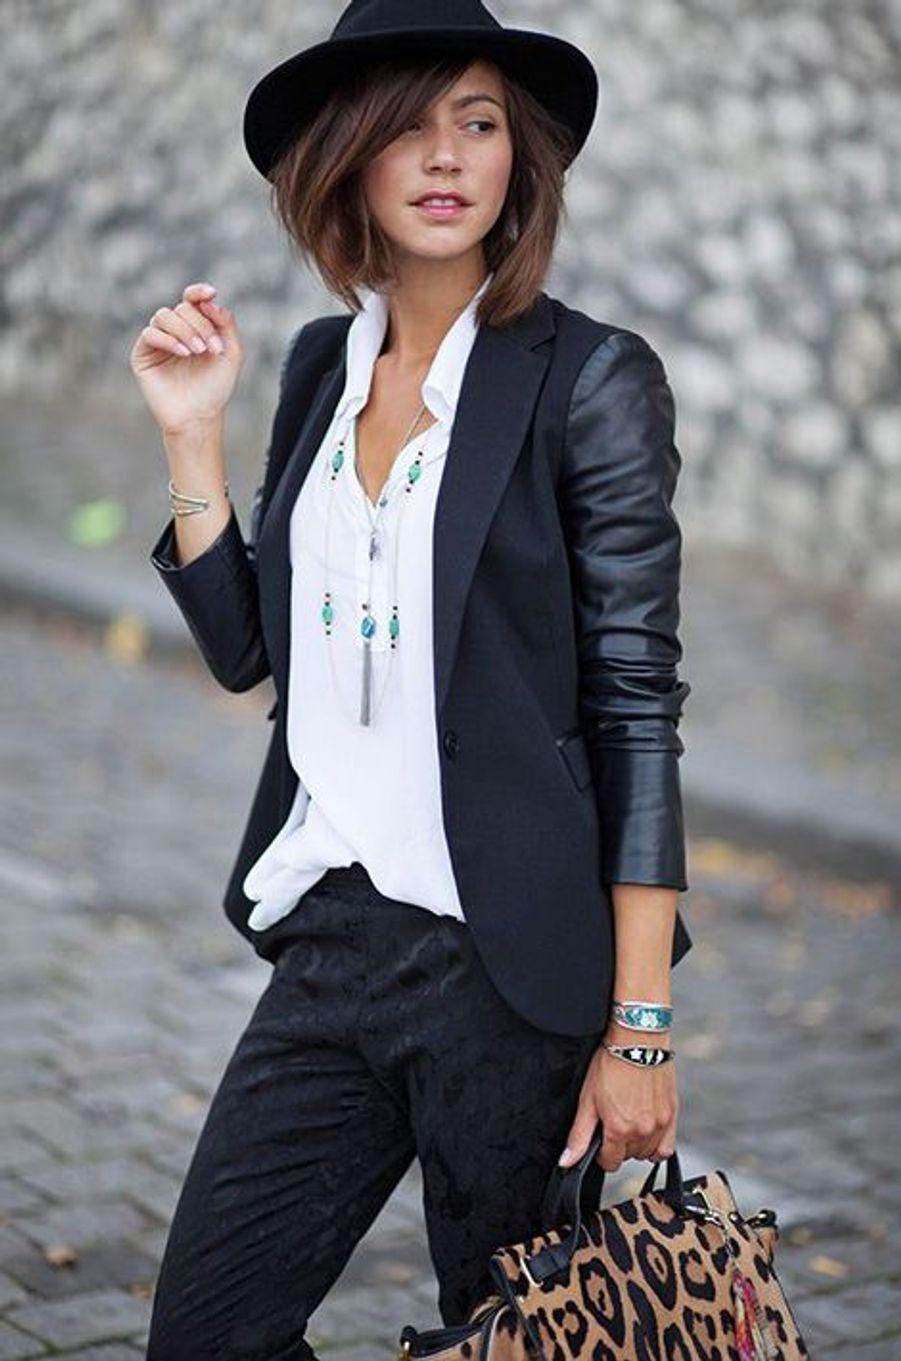 Veste, chapeau, chemise blanche. Pour relever le look, on complète avec quelques touches de féminité: les lèvres rouges et le sac imprimé panthère.